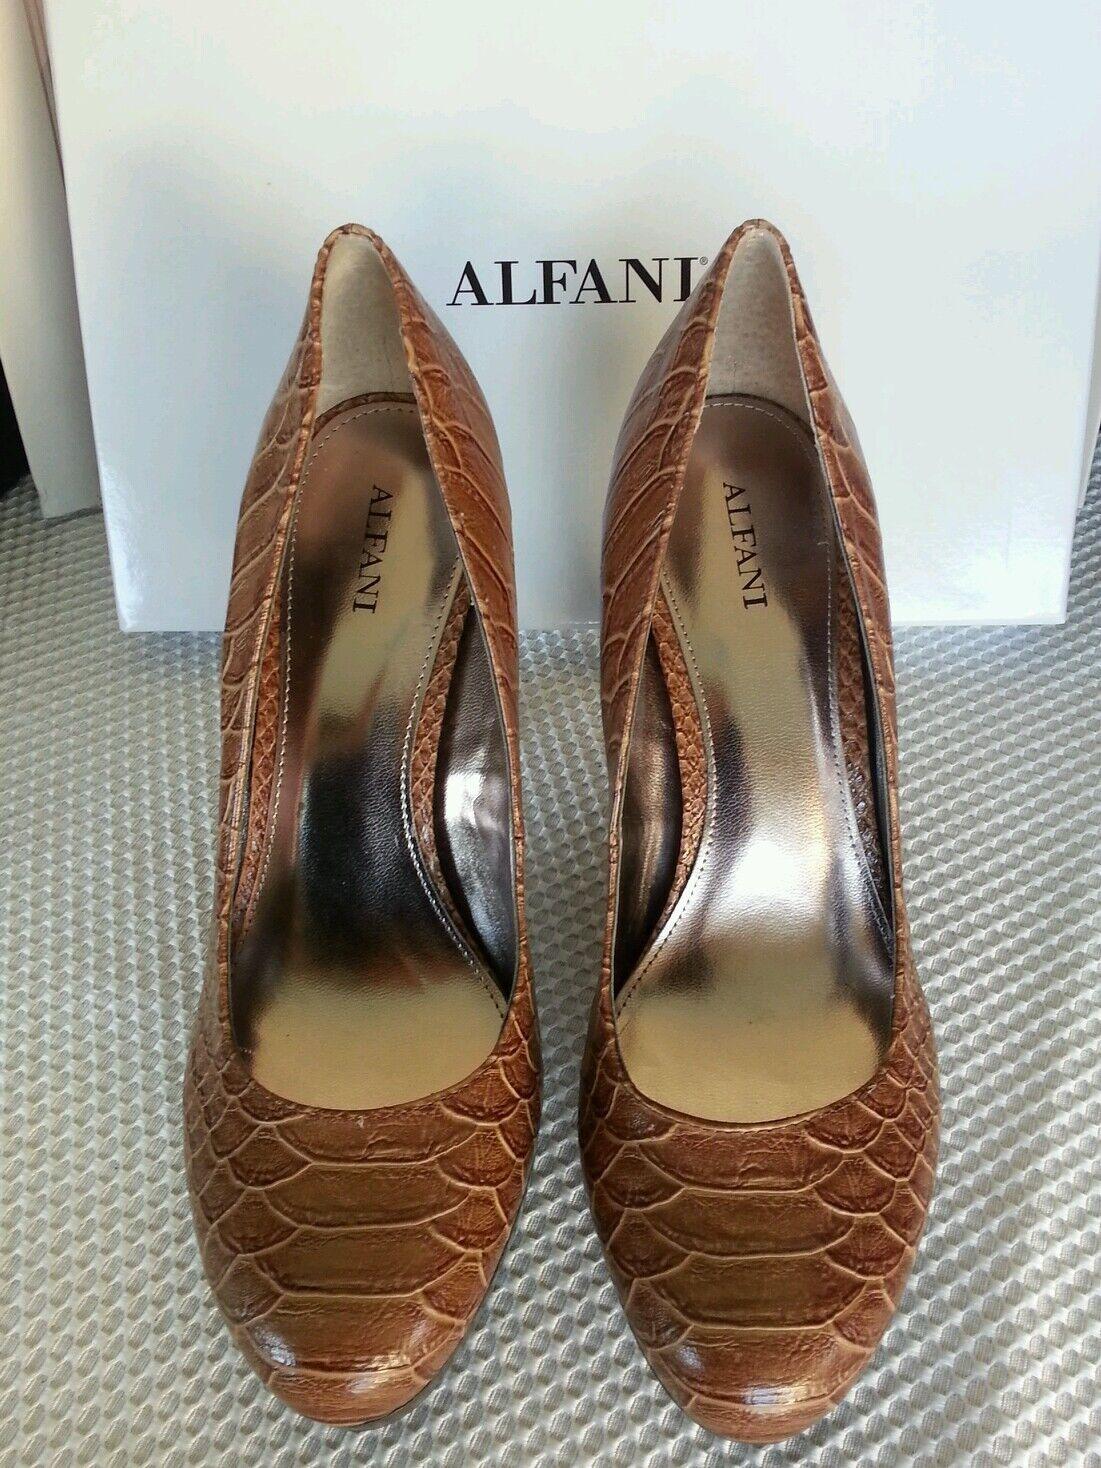 Alfani NEW Maddy Braun Embossed Platform Pumps Heels Schuhes Größe 9.5 M